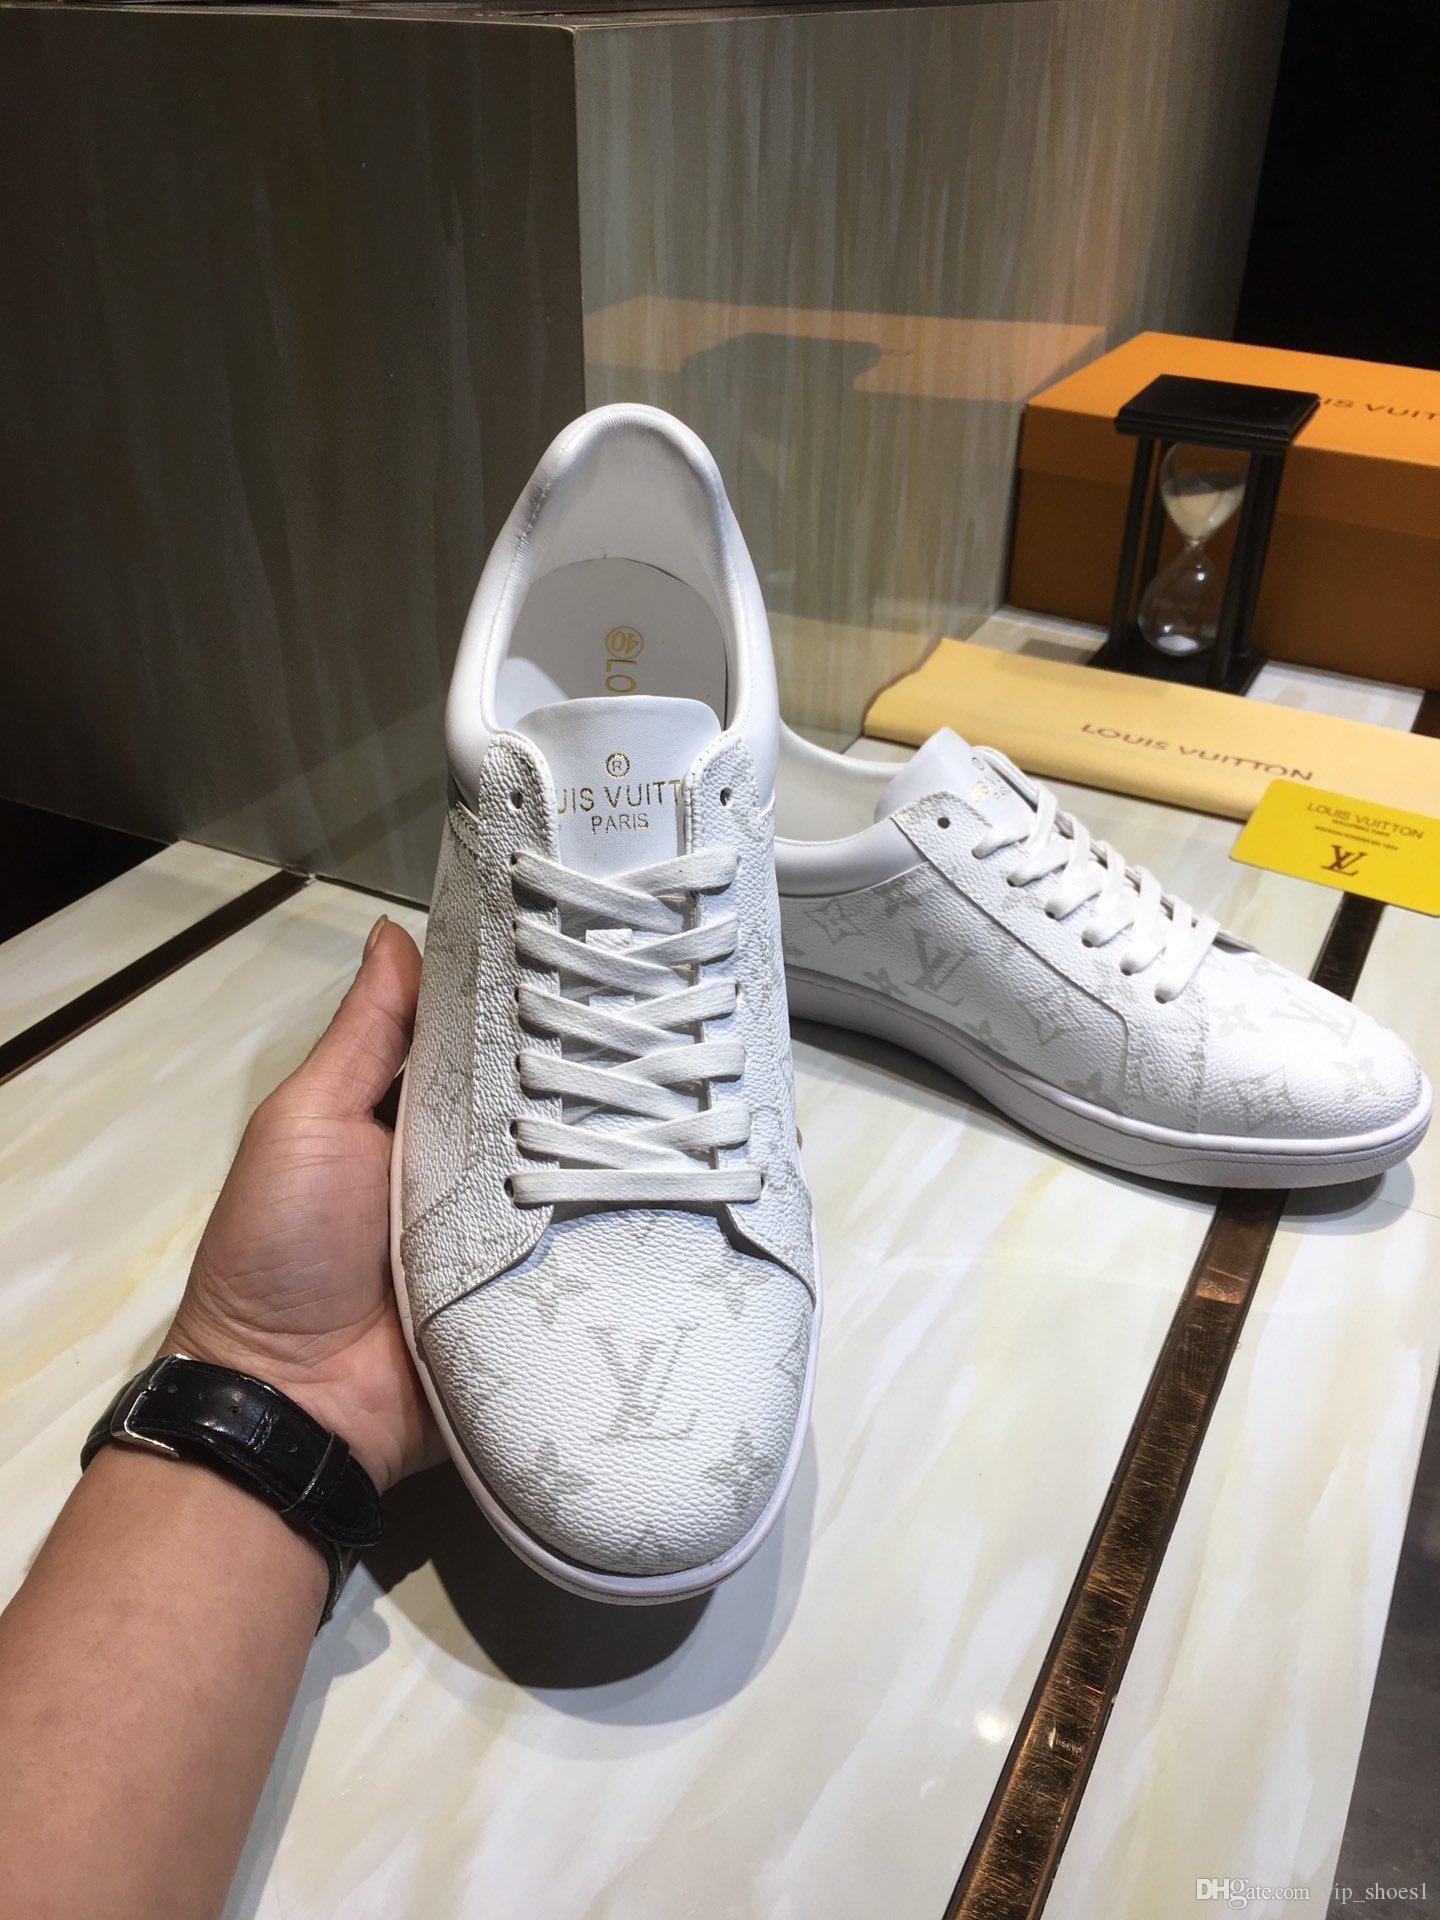 2020D neue Luxus-Design Herrenmode Sportschuhe, wilde atmungs Männer Casual Schuhe, Parteischuhe Größe der Männer: 38-45